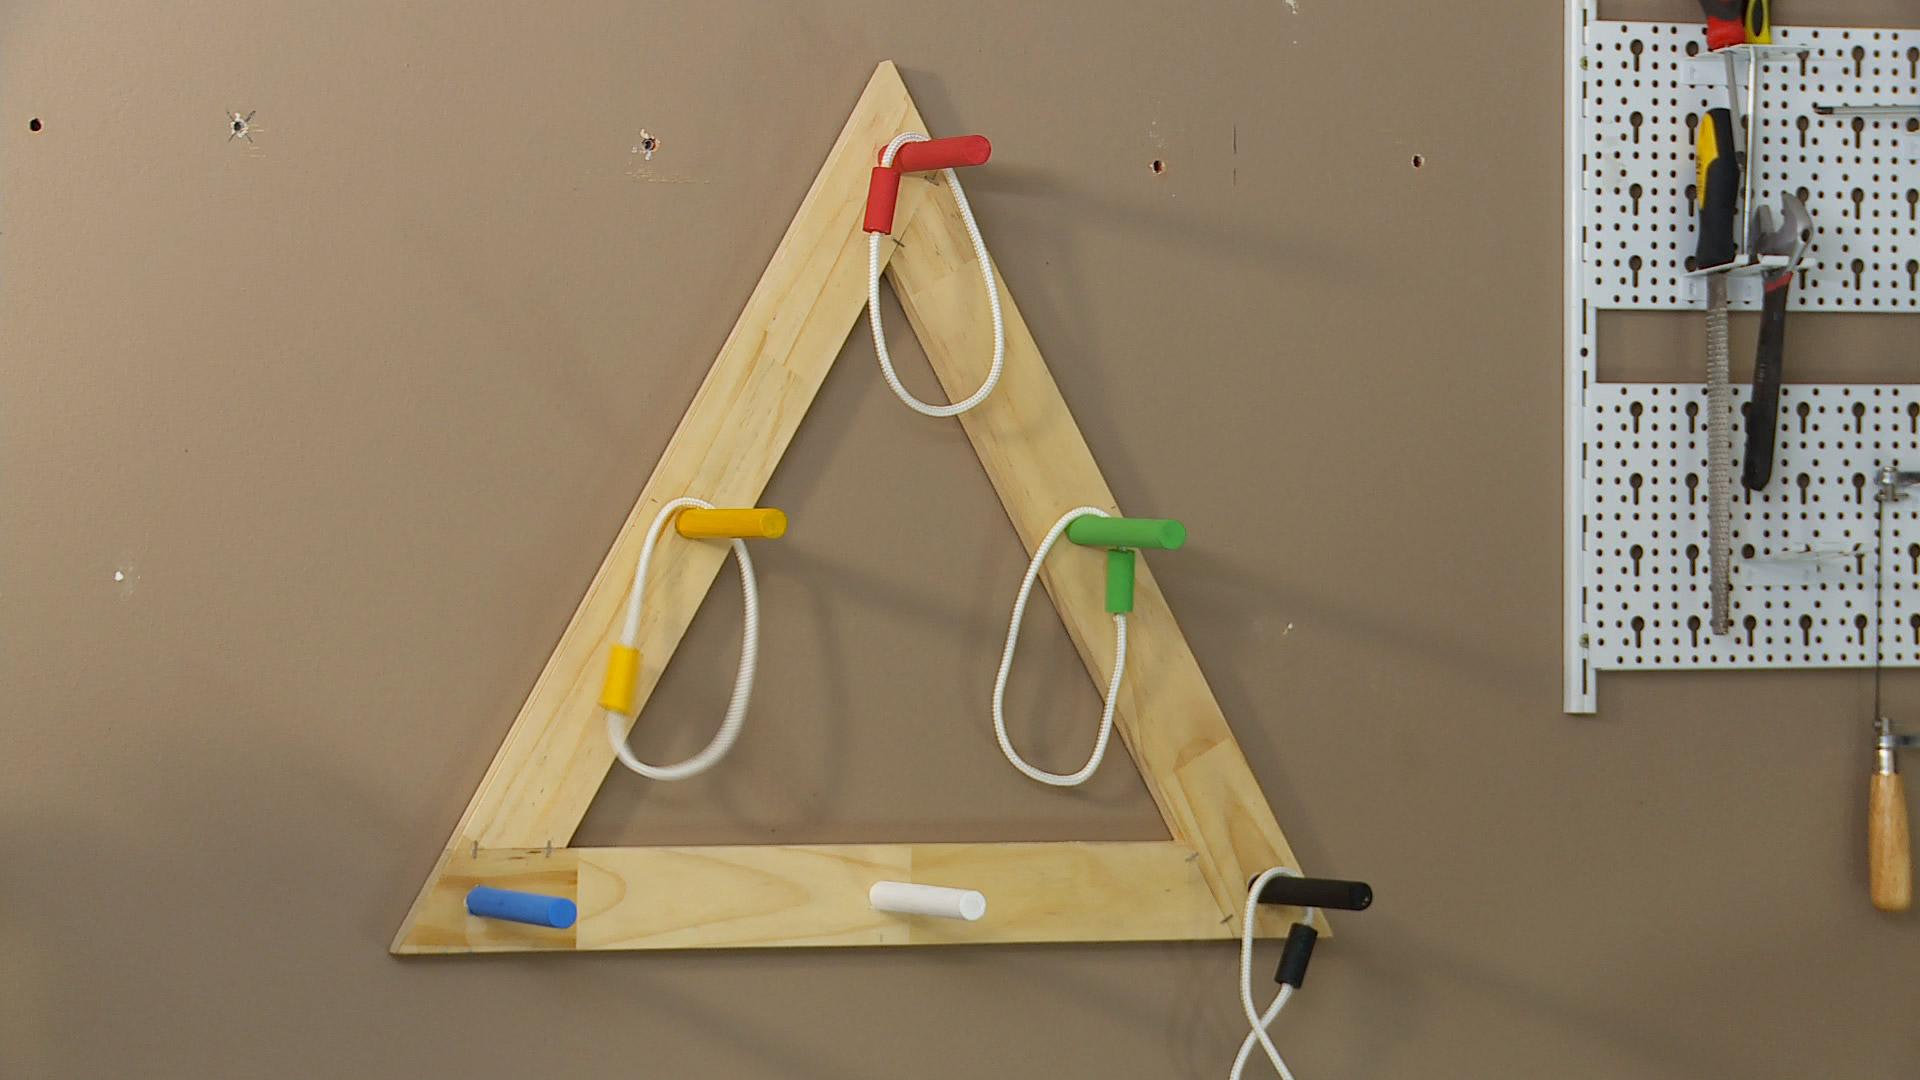 Este es un juego que nos puede servir en cualquier época del año, es un juego de puntería porque se trata de tirar argollas y apuntarle a unas barras puestas en un triángulo, cada argolla tiene diferentes puntajes y al final el que hace más puntos, gana.